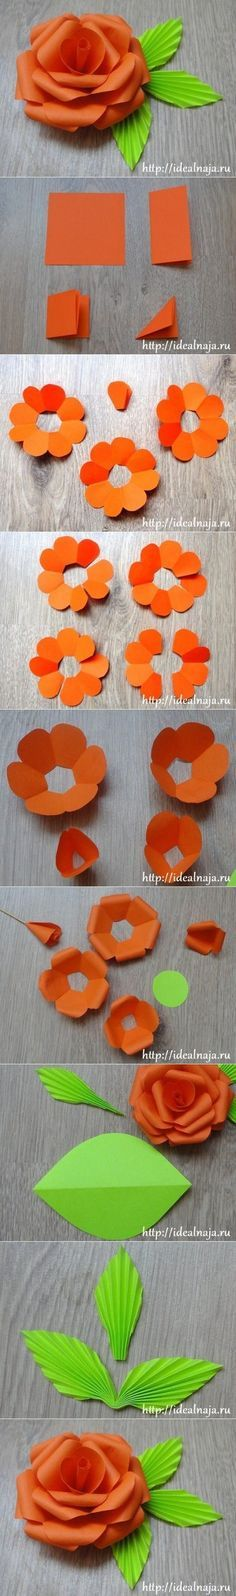 Cómo hacer flores con cartulinas y cartón paso a paso Ideas para